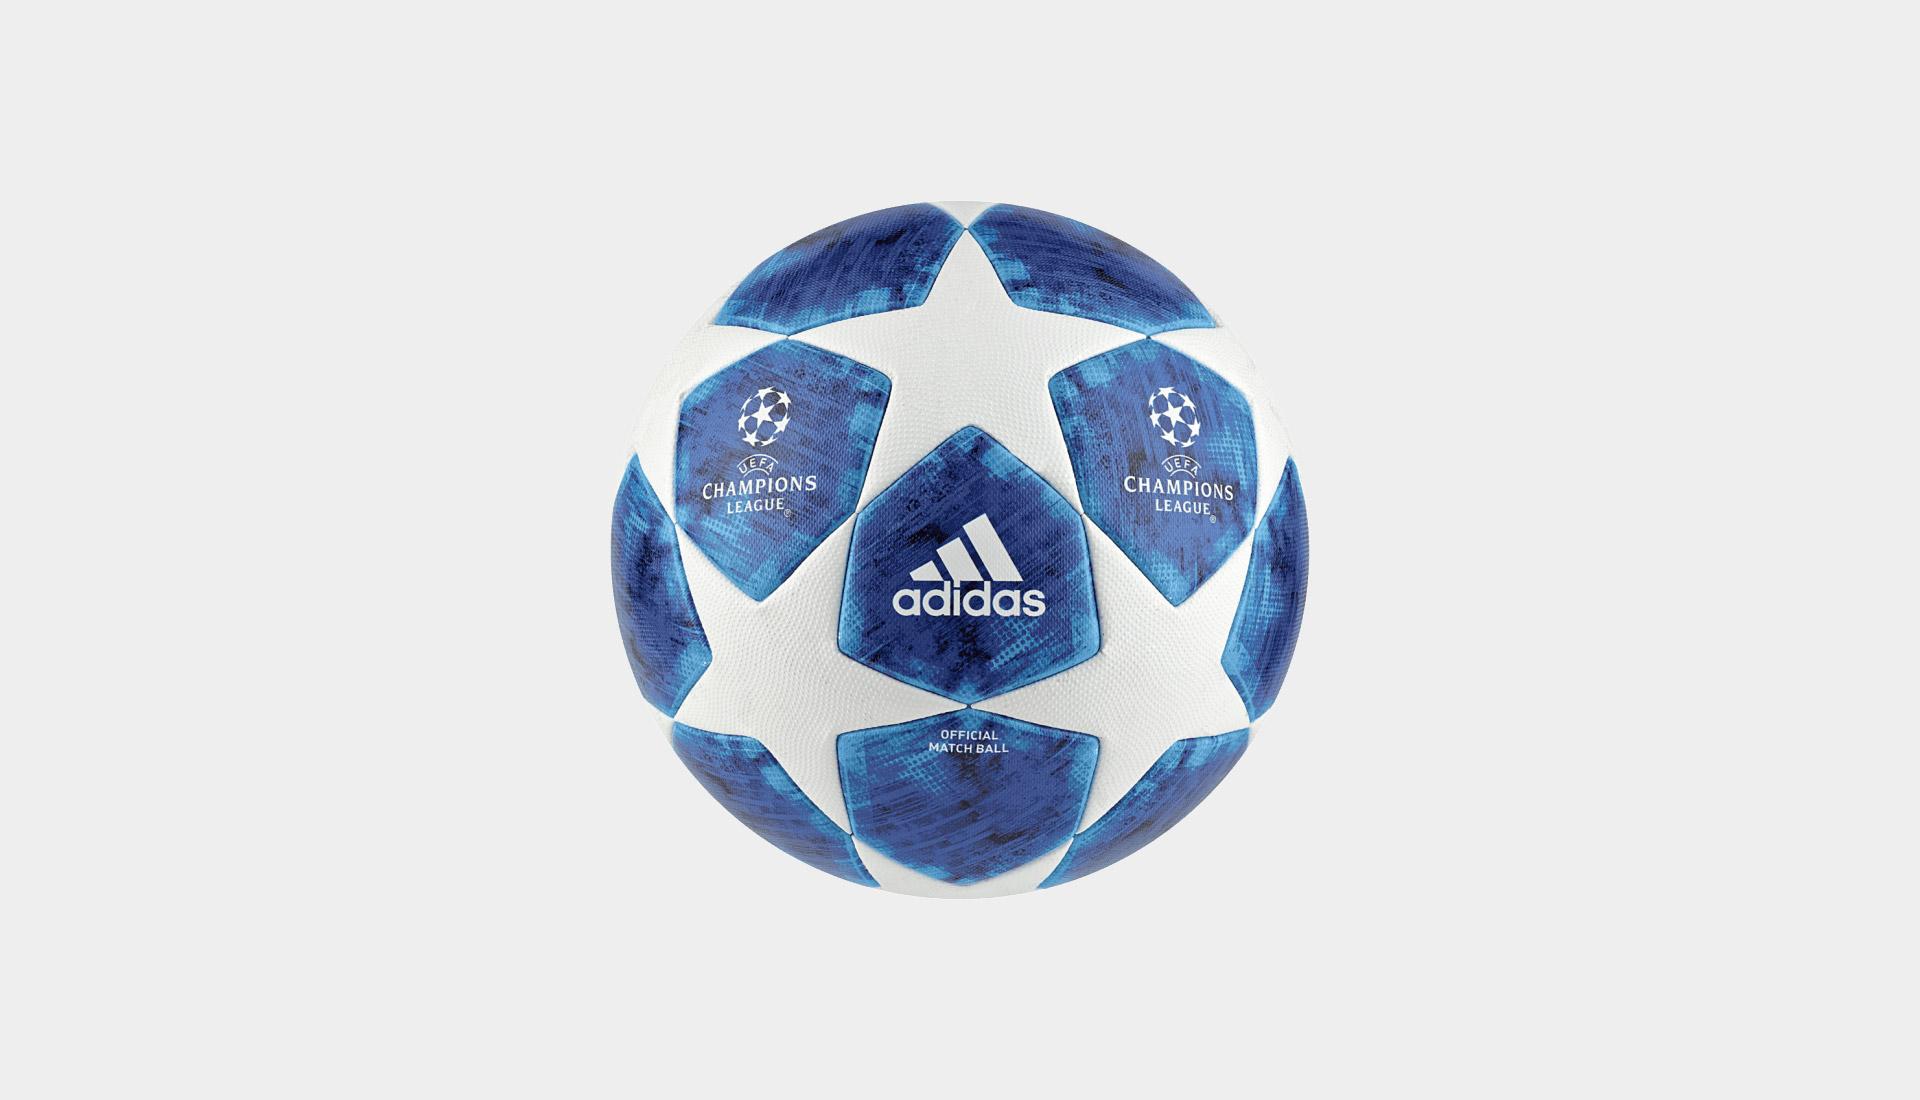 adidas-finale-18-champions-league-ball_1em2cknmr8obc1heyyyfpxumrt